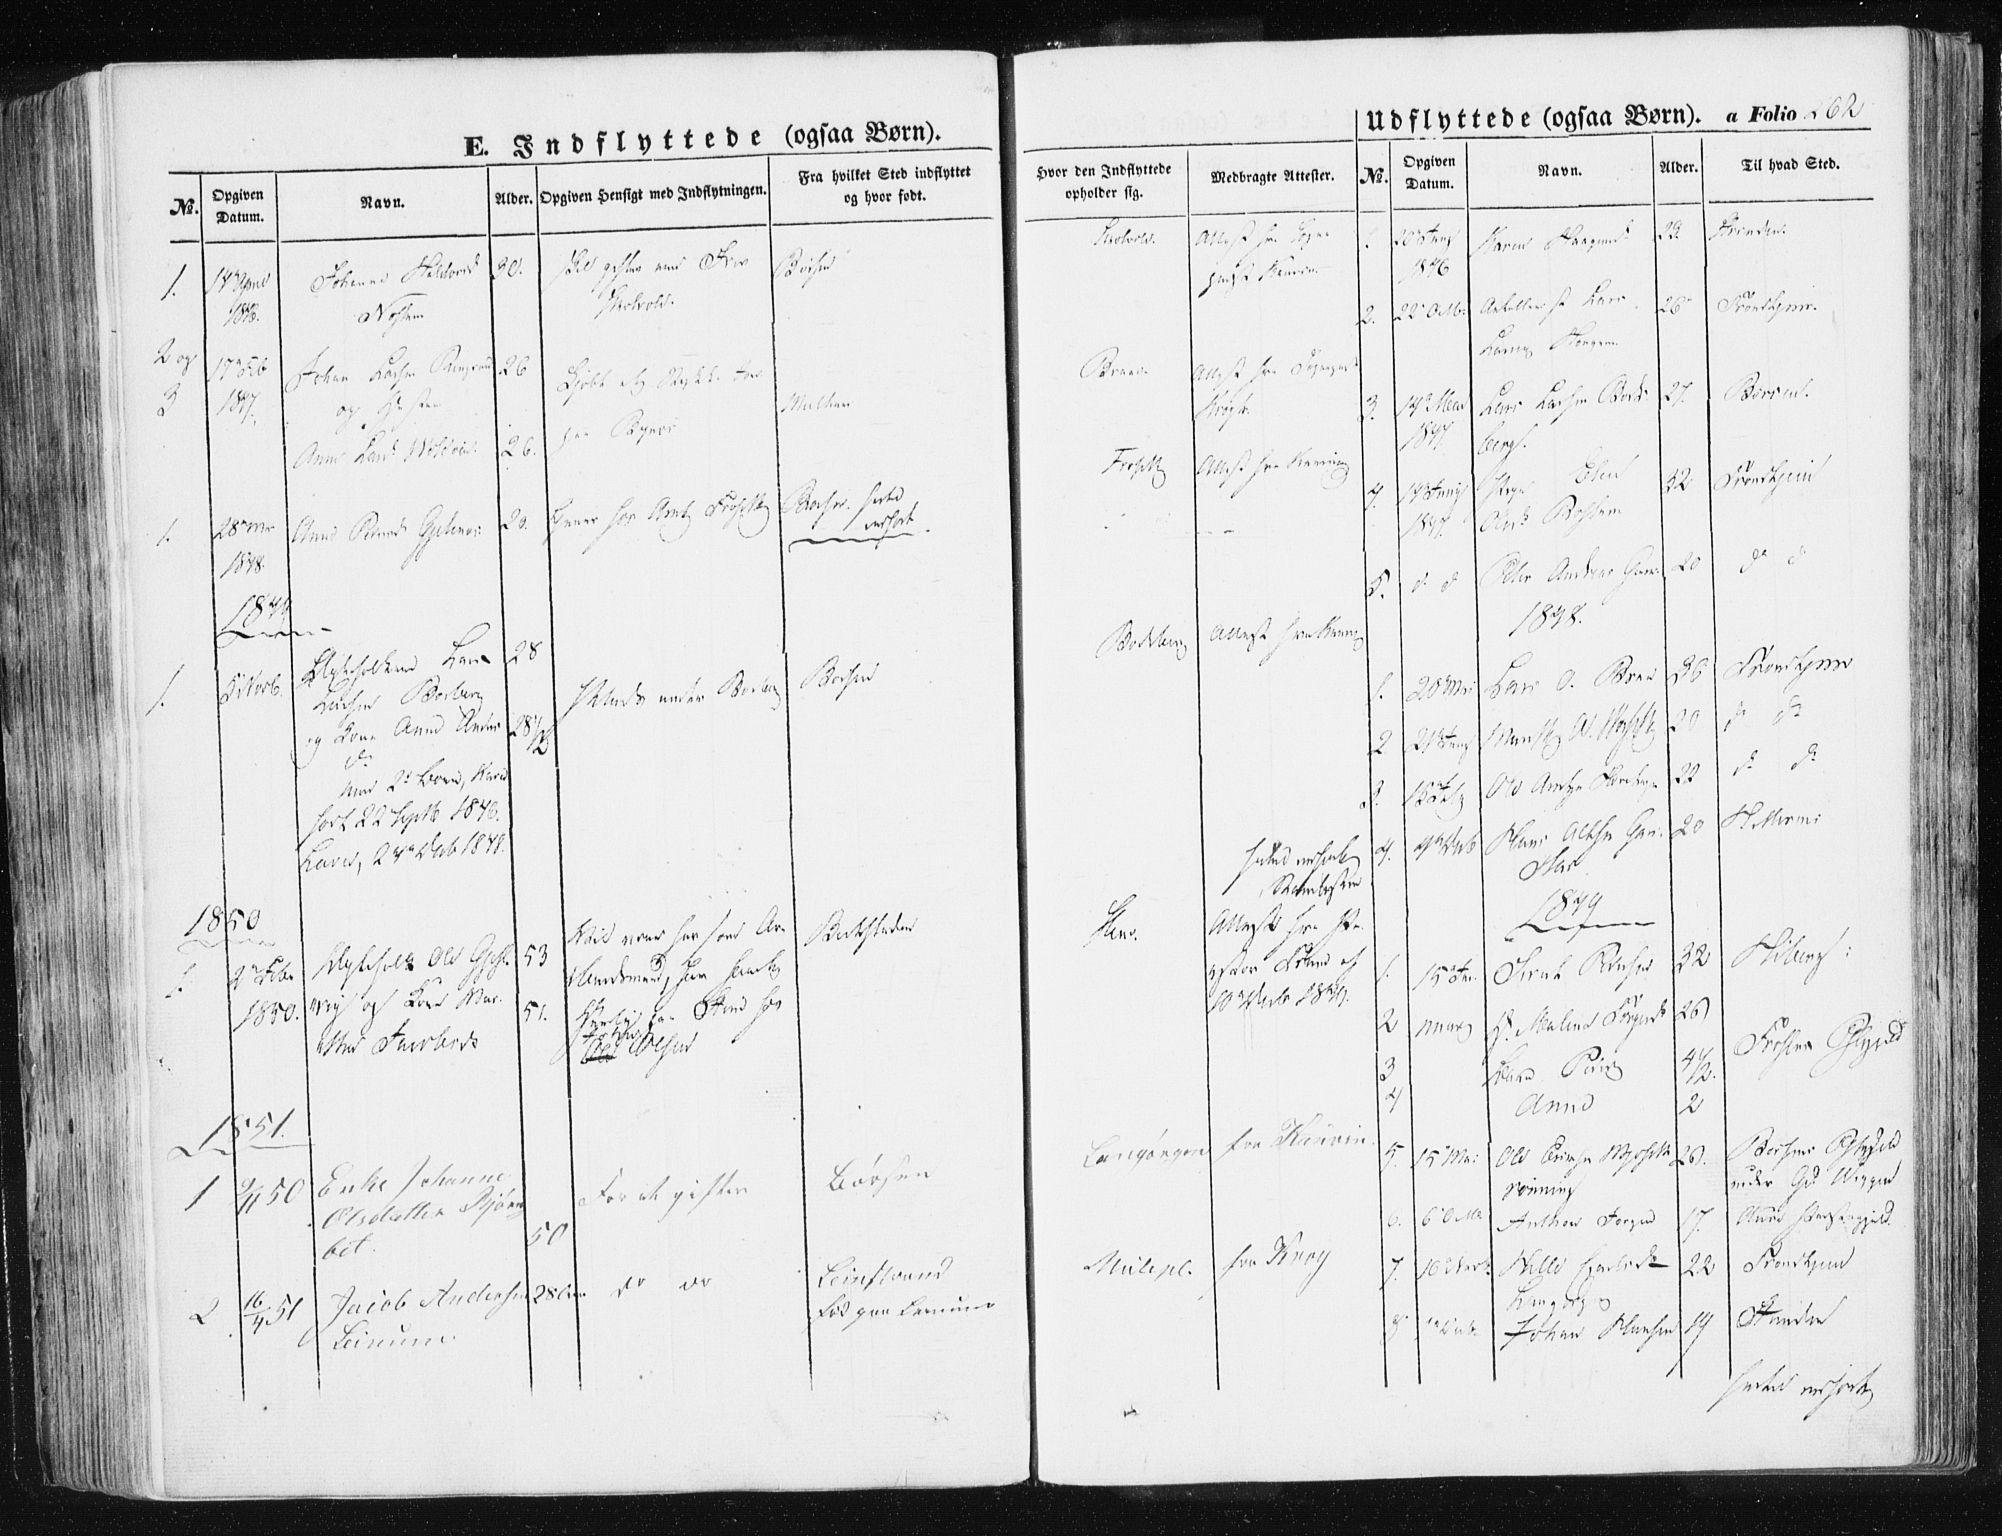 SAT, Ministerialprotokoller, klokkerbøker og fødselsregistre - Sør-Trøndelag, 612/L0376: Ministerialbok nr. 612A08, 1846-1859, s. 262